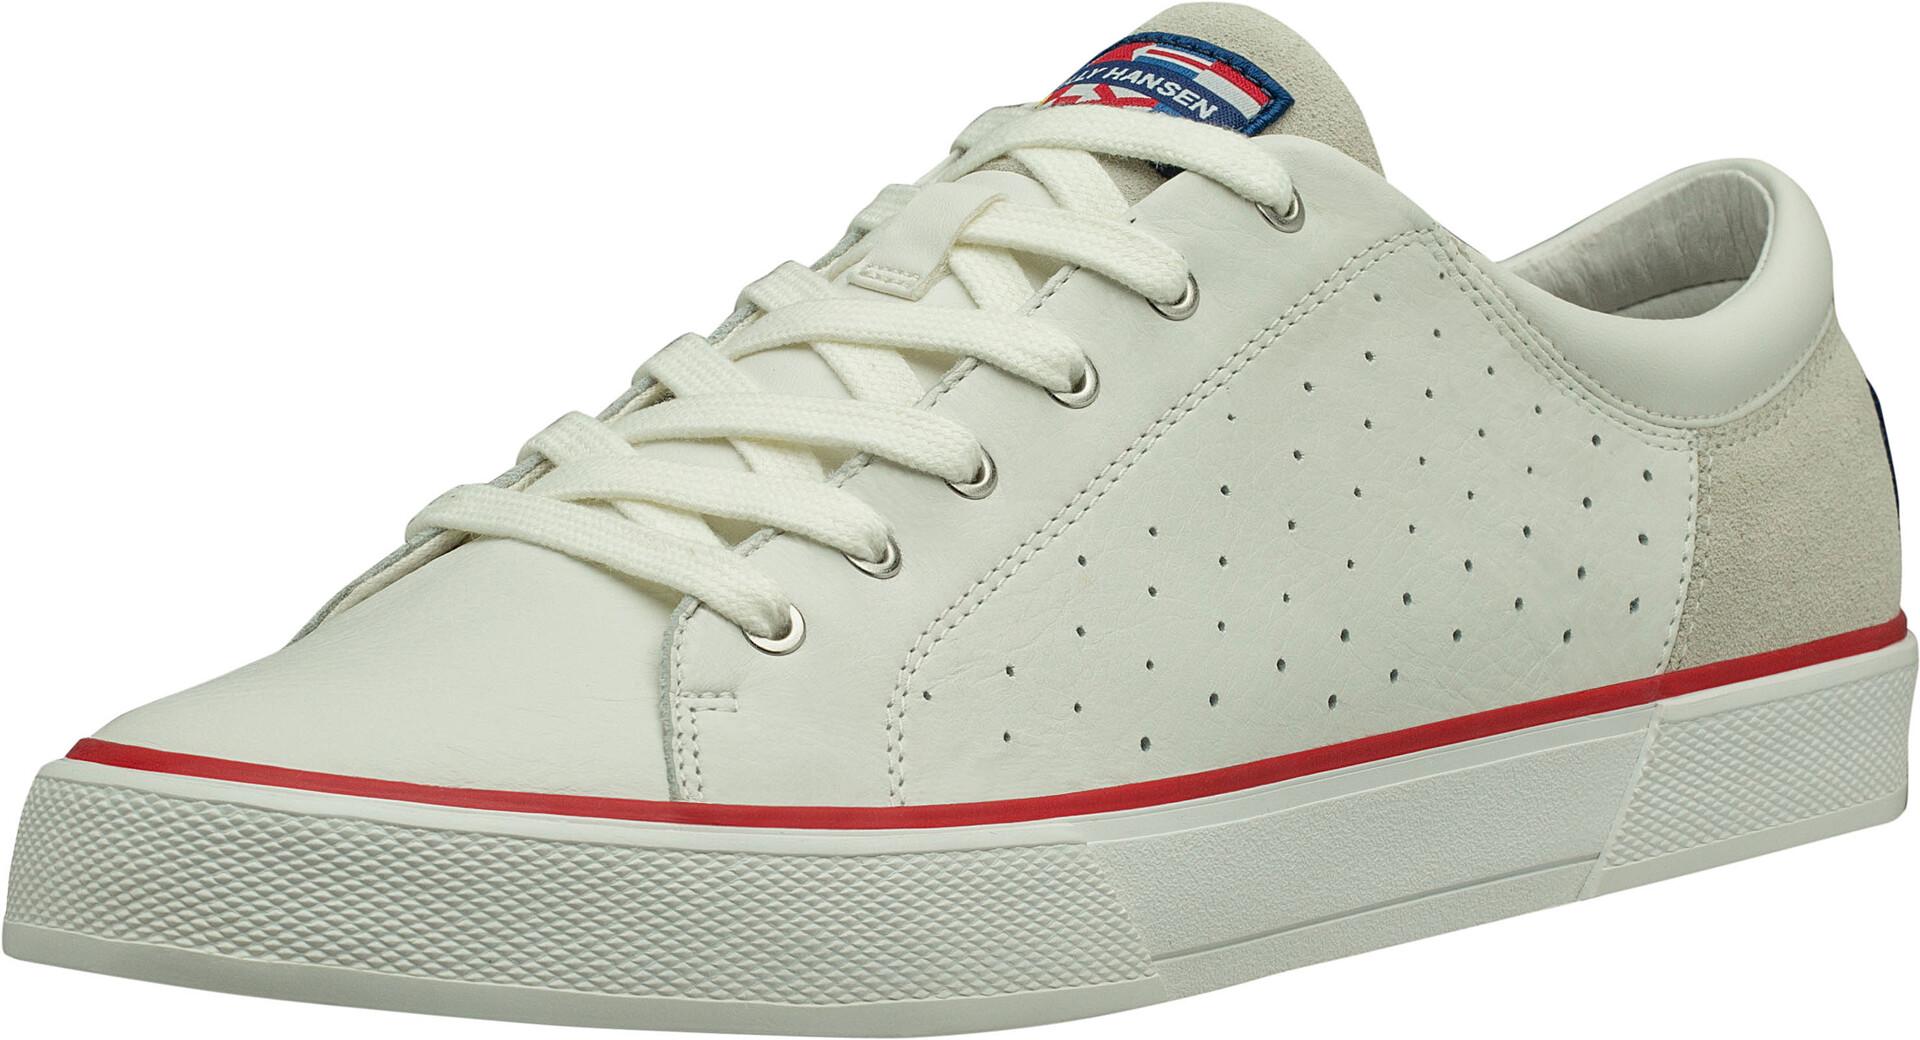 Helly Hansen Copenhagen Slip On miesten vapaa ajan kengät